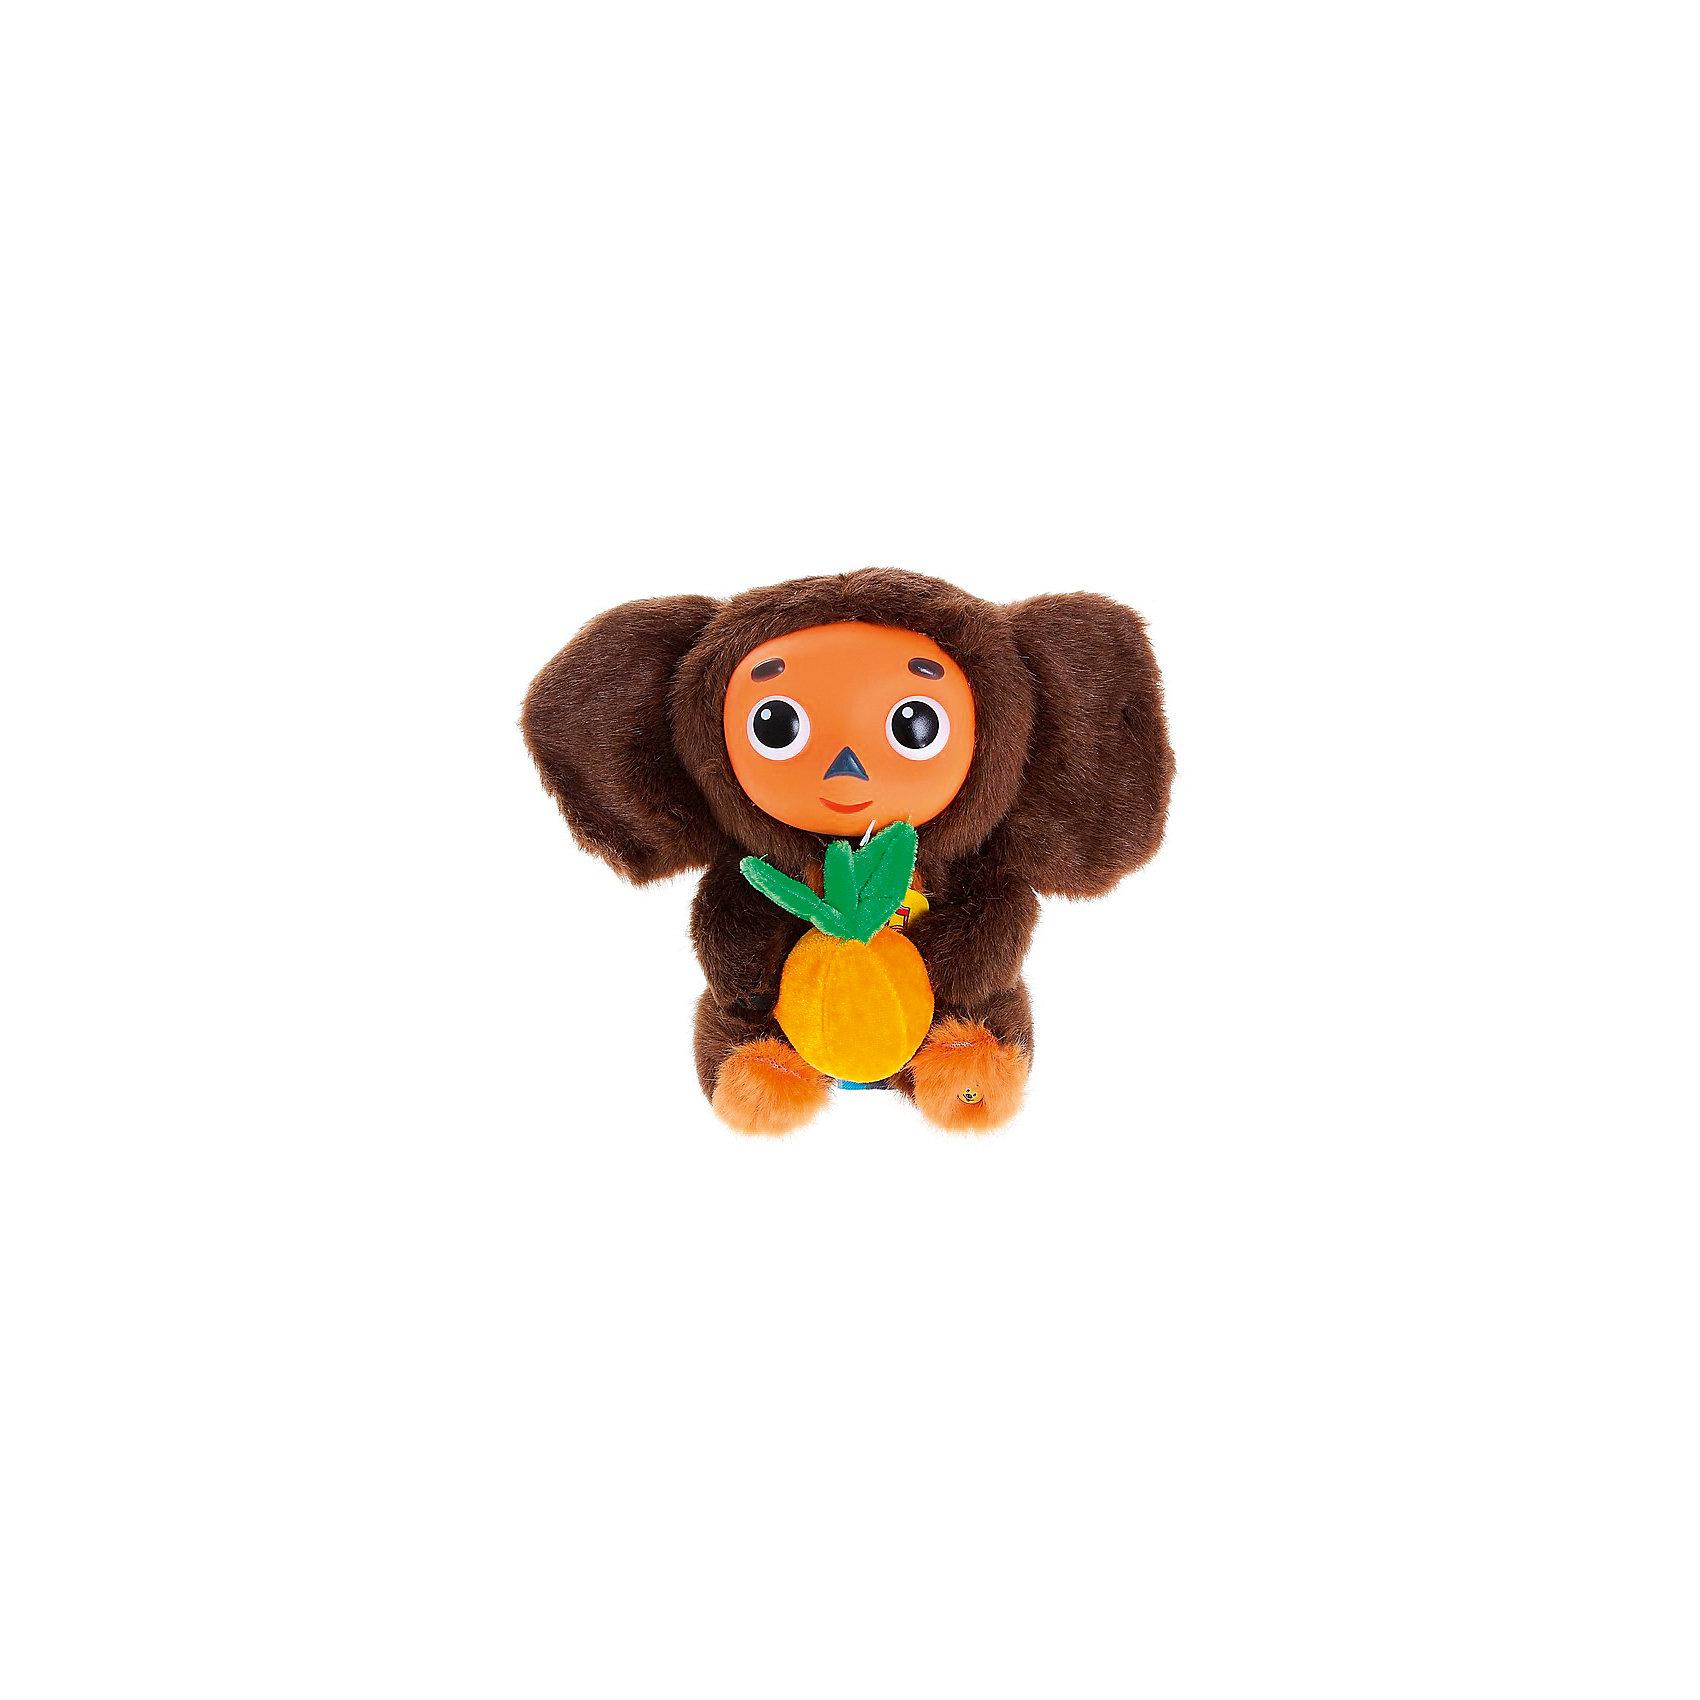 Мягкая игрушка Мульти-Пульти Чебурашка, 25 см (звук)Мягкие игрушки из мультфильмов<br>Мягкая игрушка  Чебурашка 25 см, озвученная с апельсином.<br><br>Ширина мм: 210<br>Глубина мм: 140<br>Высота мм: 320<br>Вес г: 650<br>Возраст от месяцев: 36<br>Возраст до месяцев: 84<br>Пол: Унисекс<br>Возраст: Детский<br>SKU: 7120277